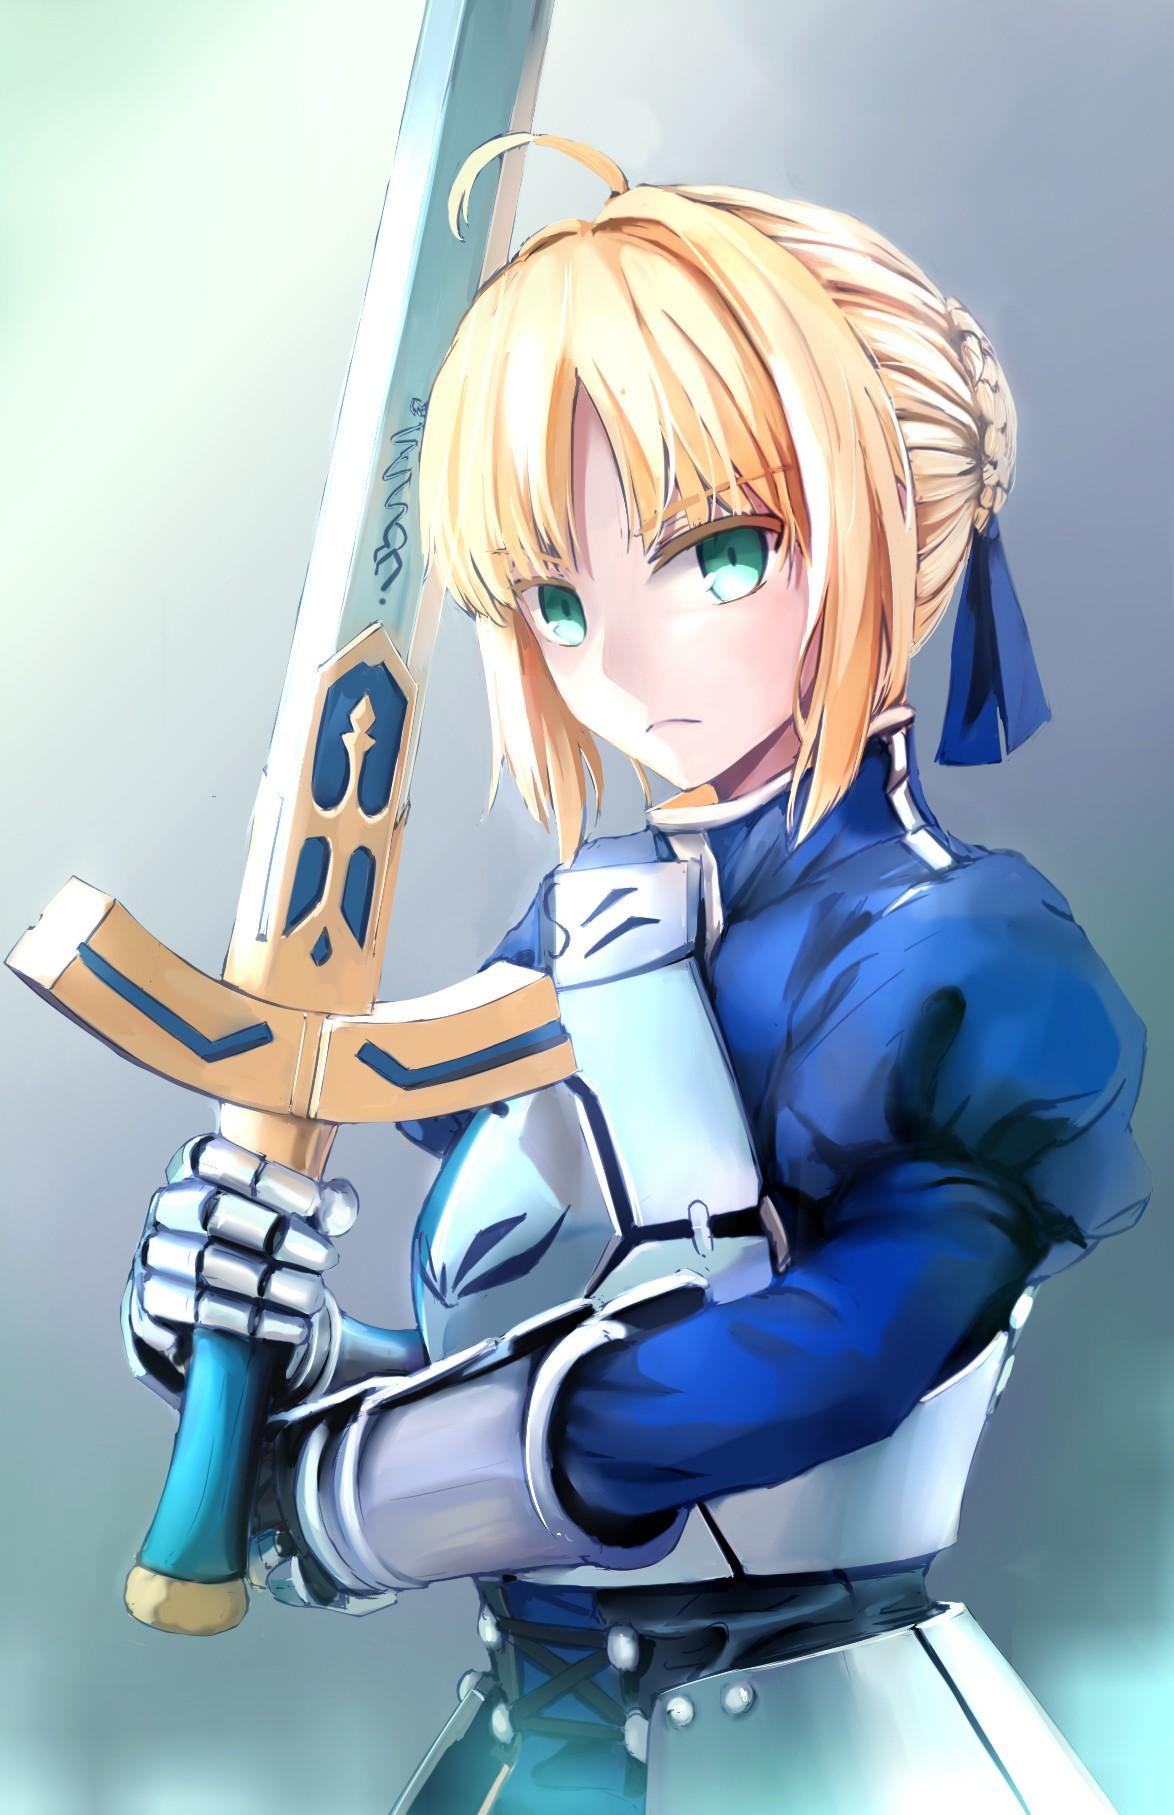 Fate()系列作品最早的是由TYPE-MOON于2004年1月30日发售的PC平台18禁文字冒险游戏《Fate/stay night》,同时也是TYPE-MOON商业化后初次亮相的作品。由于广受欢迎,吸引了一些作家参与制作,由本篇衍生诸多人气作品。